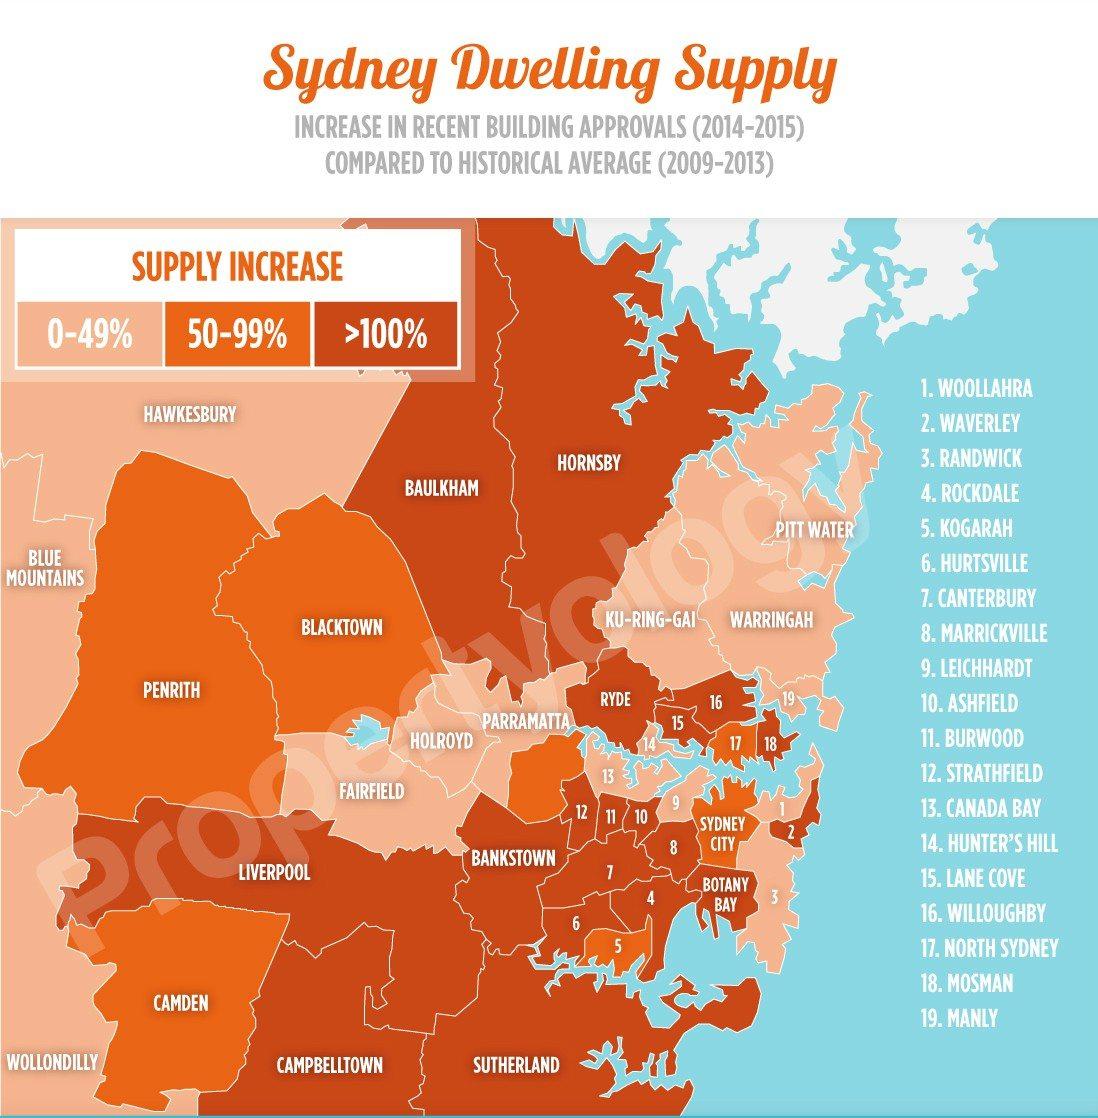 SydneyDwellingSupply